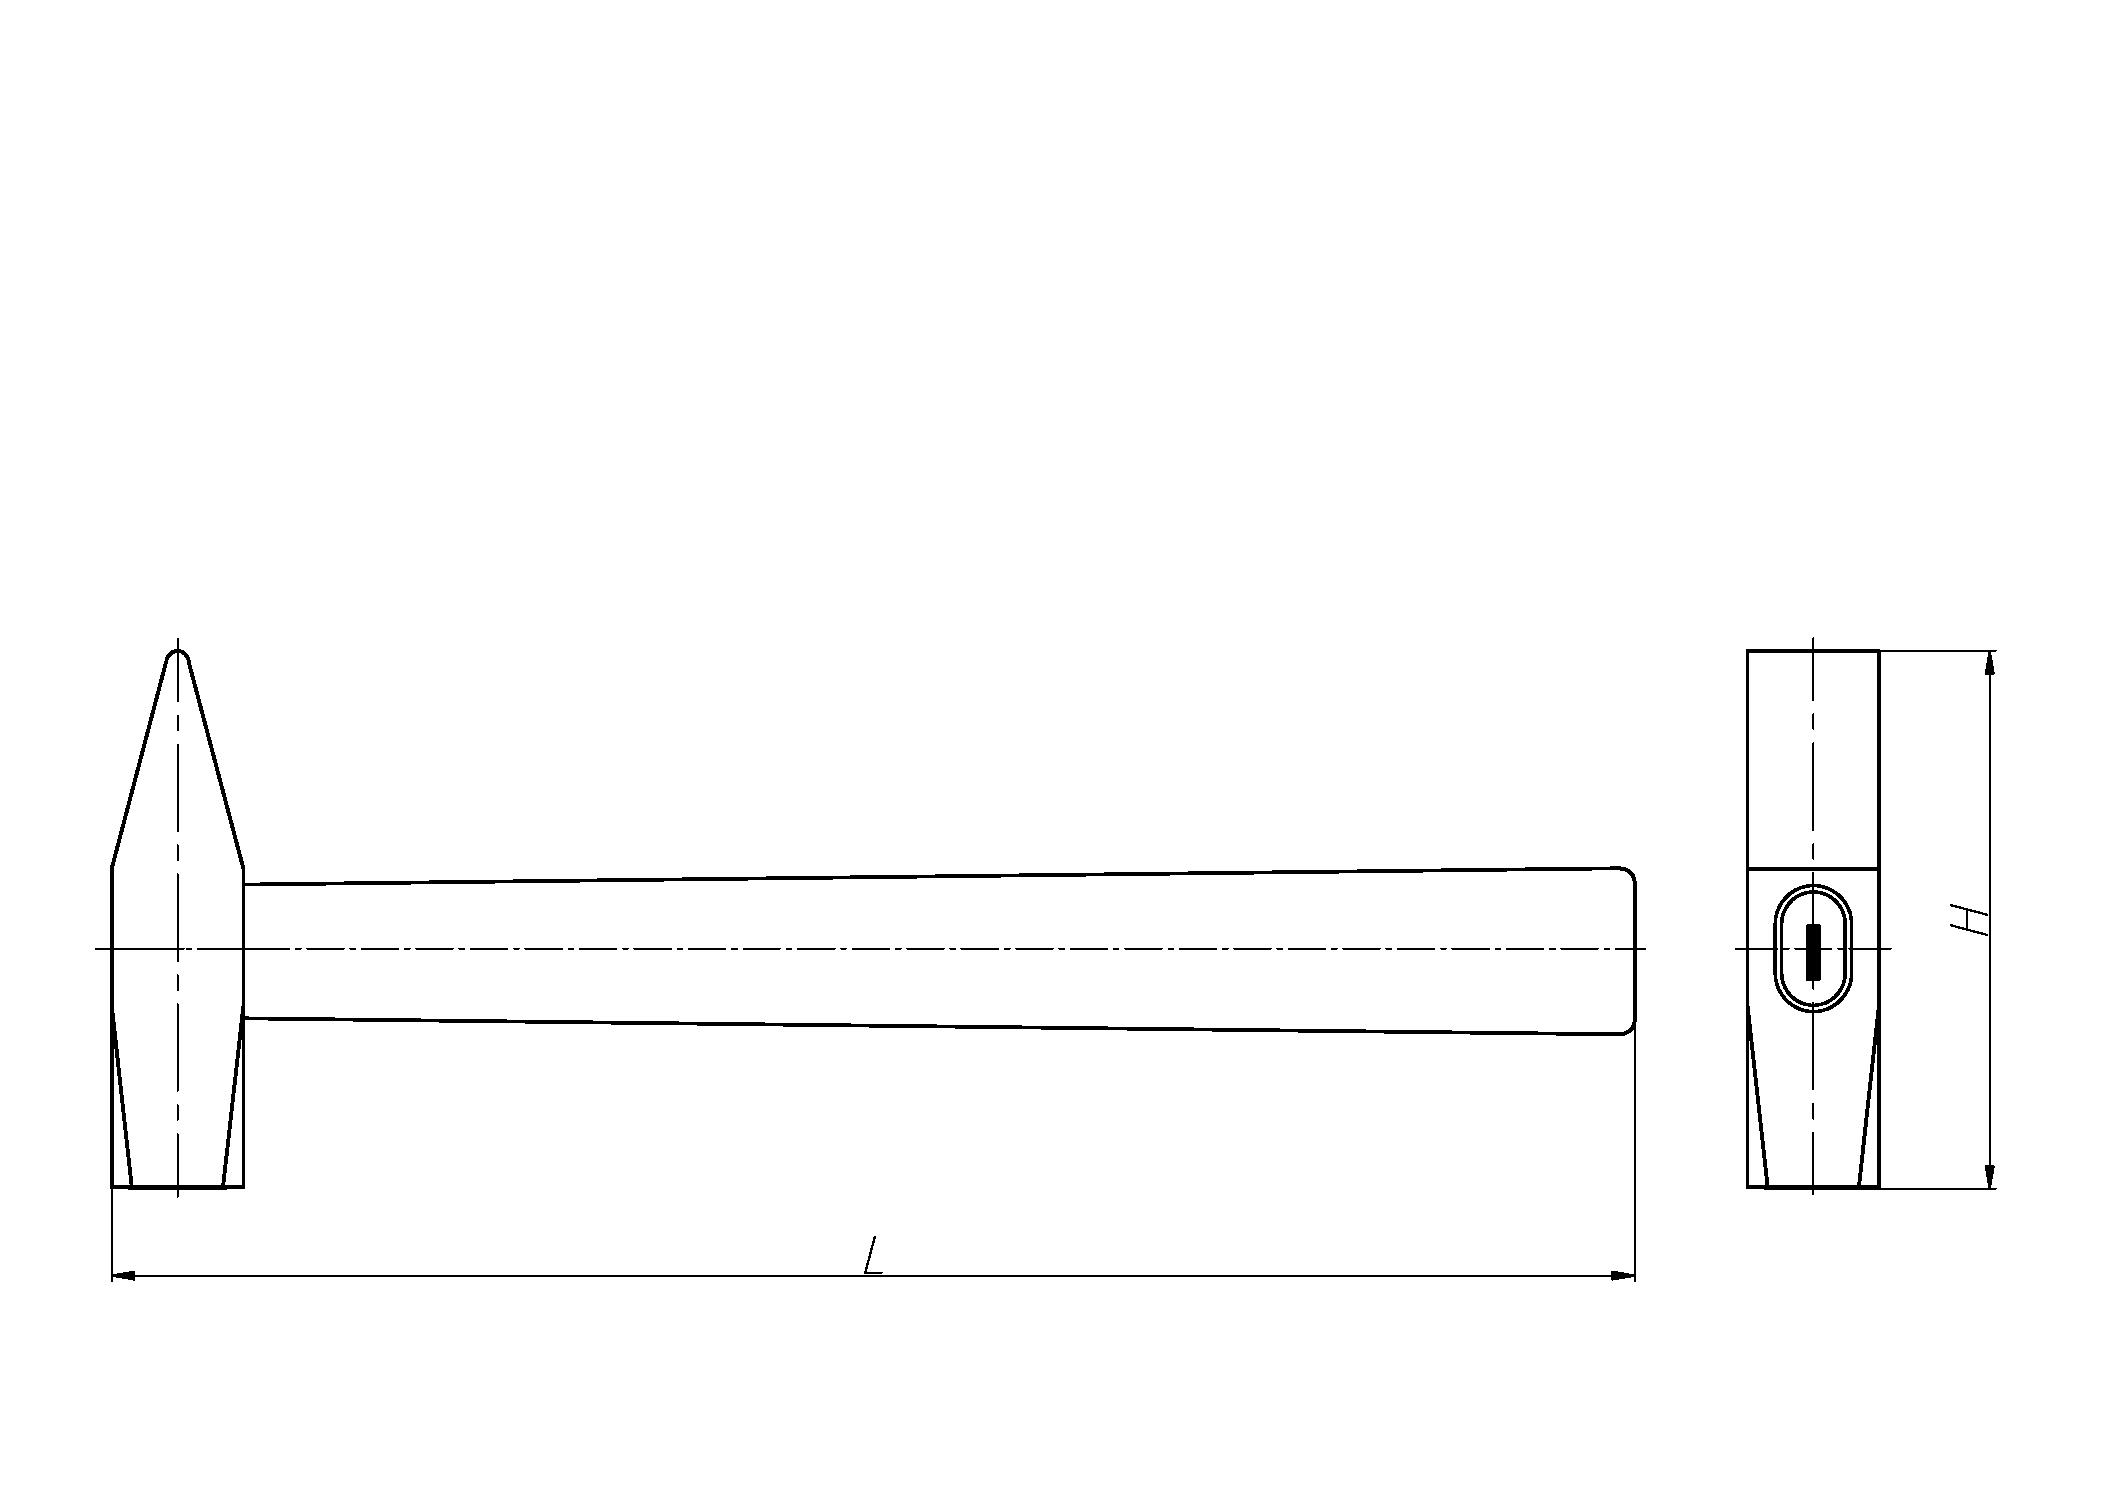 Чертеж Молотки с квадратным бойком и деревянной ручкой слесарные искробезопасные